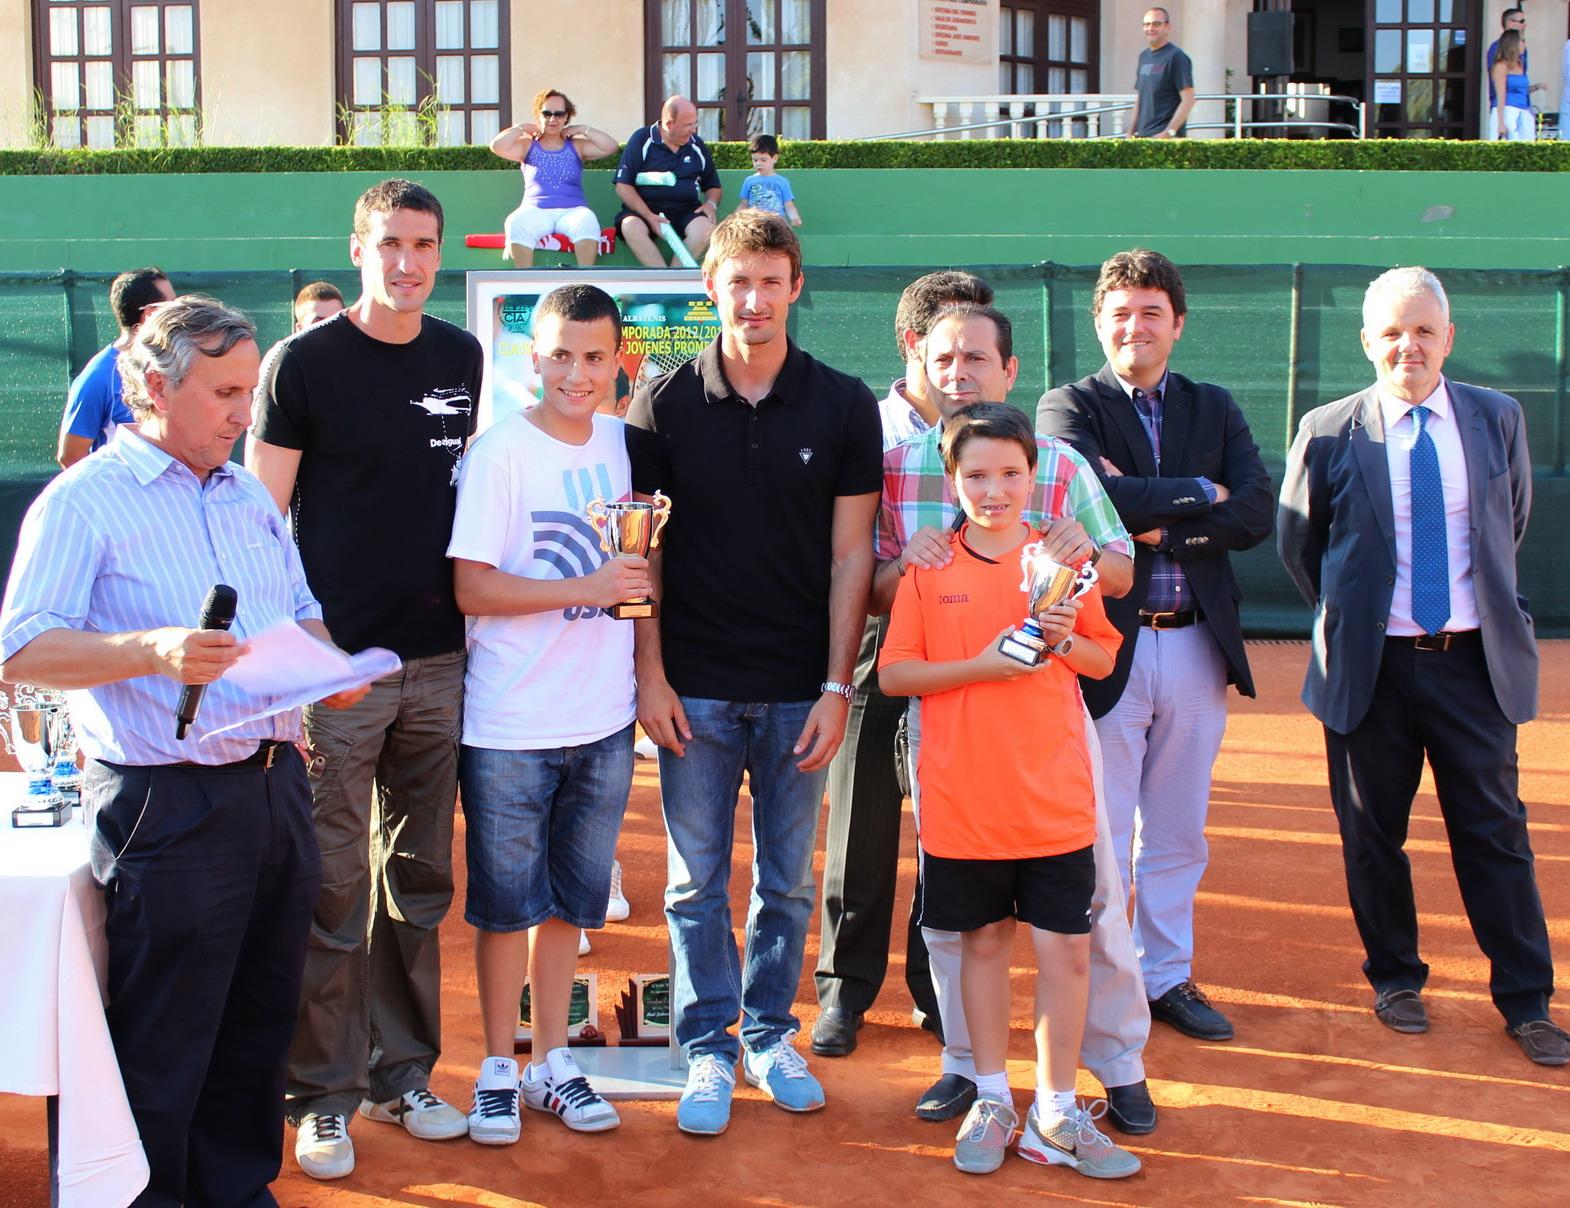 Última clausura de la Liga de Jóvenes Promesas (Foto: Club Tenis Albacete)